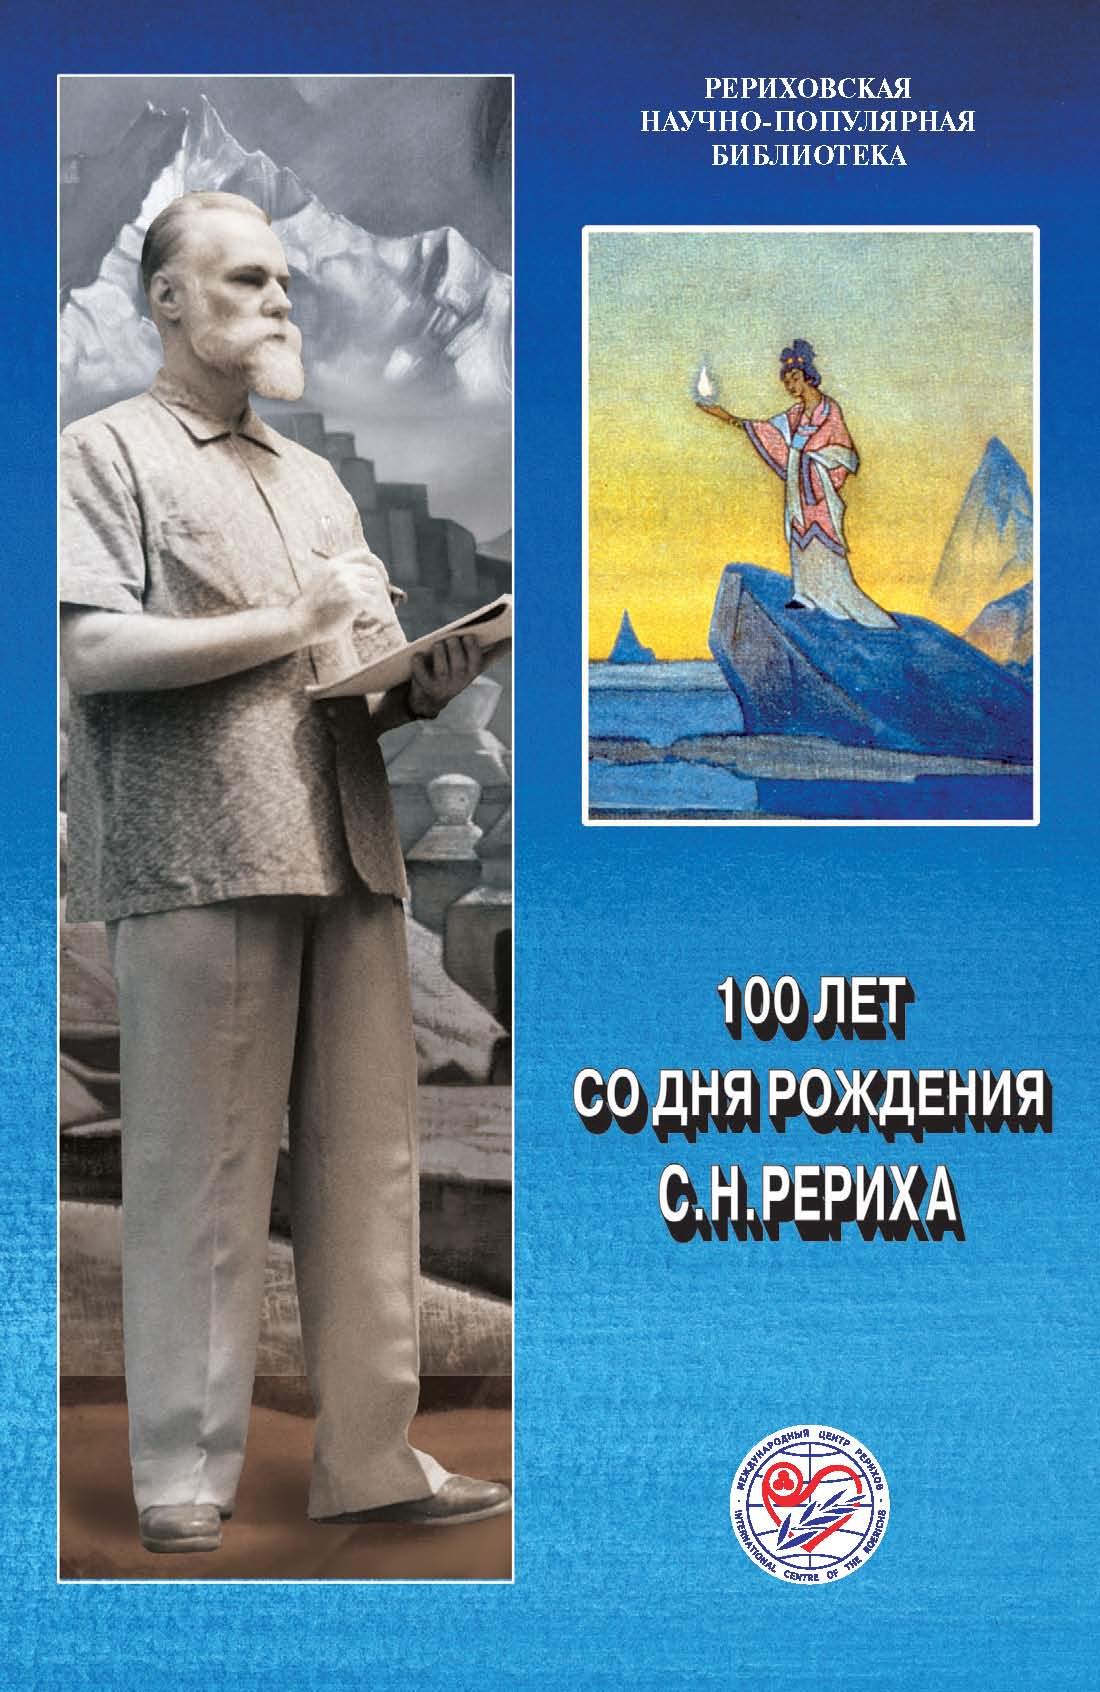 100 лет со дня рождения С.Н.Рериха